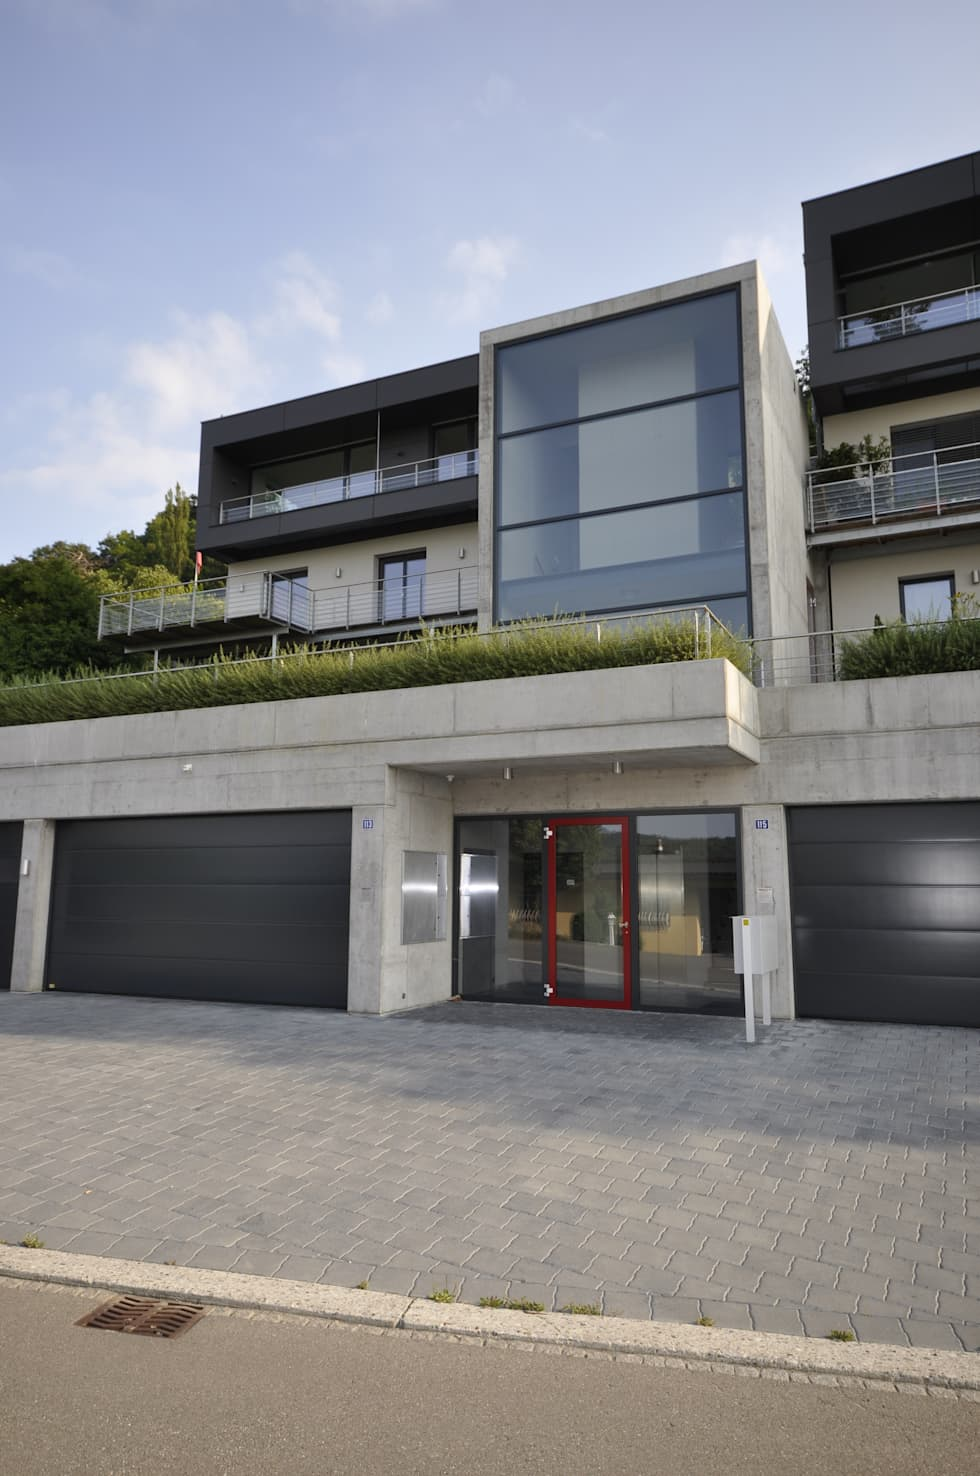 Faszinierend Moderne Einfamilienhäuser Sammlung Von Einfamilienhäuser Mit Einliegerwohnung Und Tiefgarage: Häuser Von